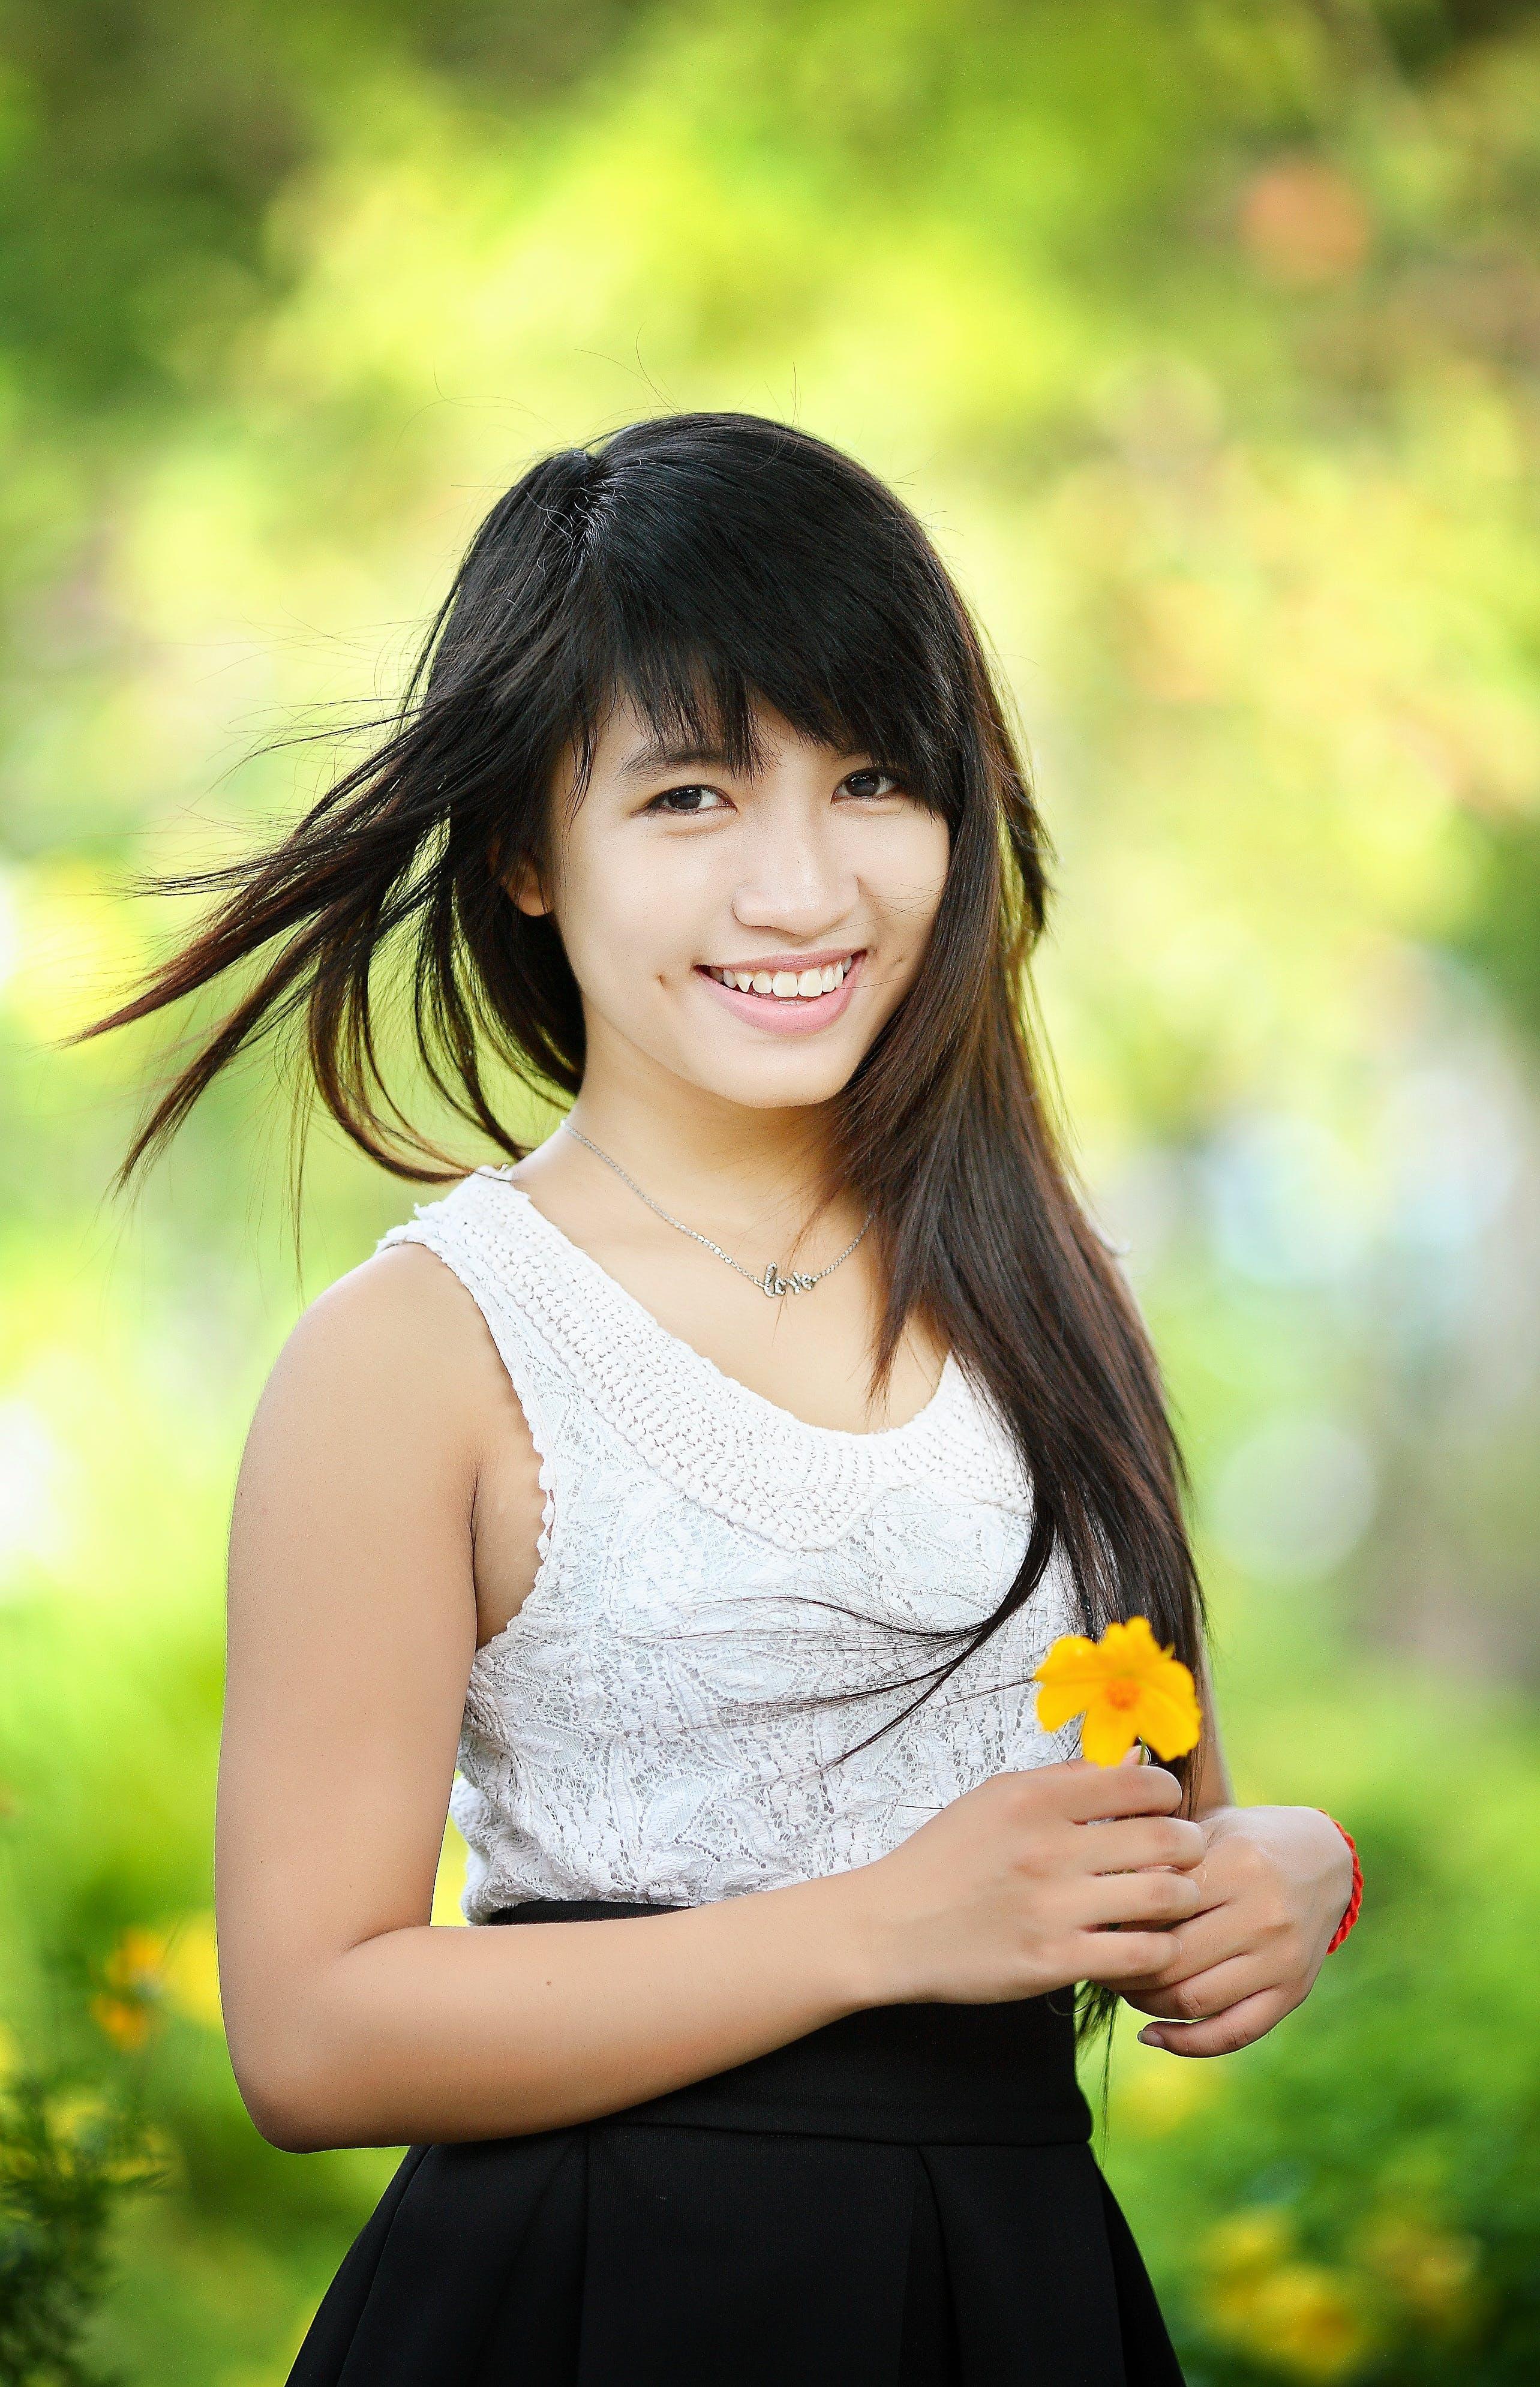 Kostenloses Stock Foto zu asiatin, asiatische frau, blume, flora